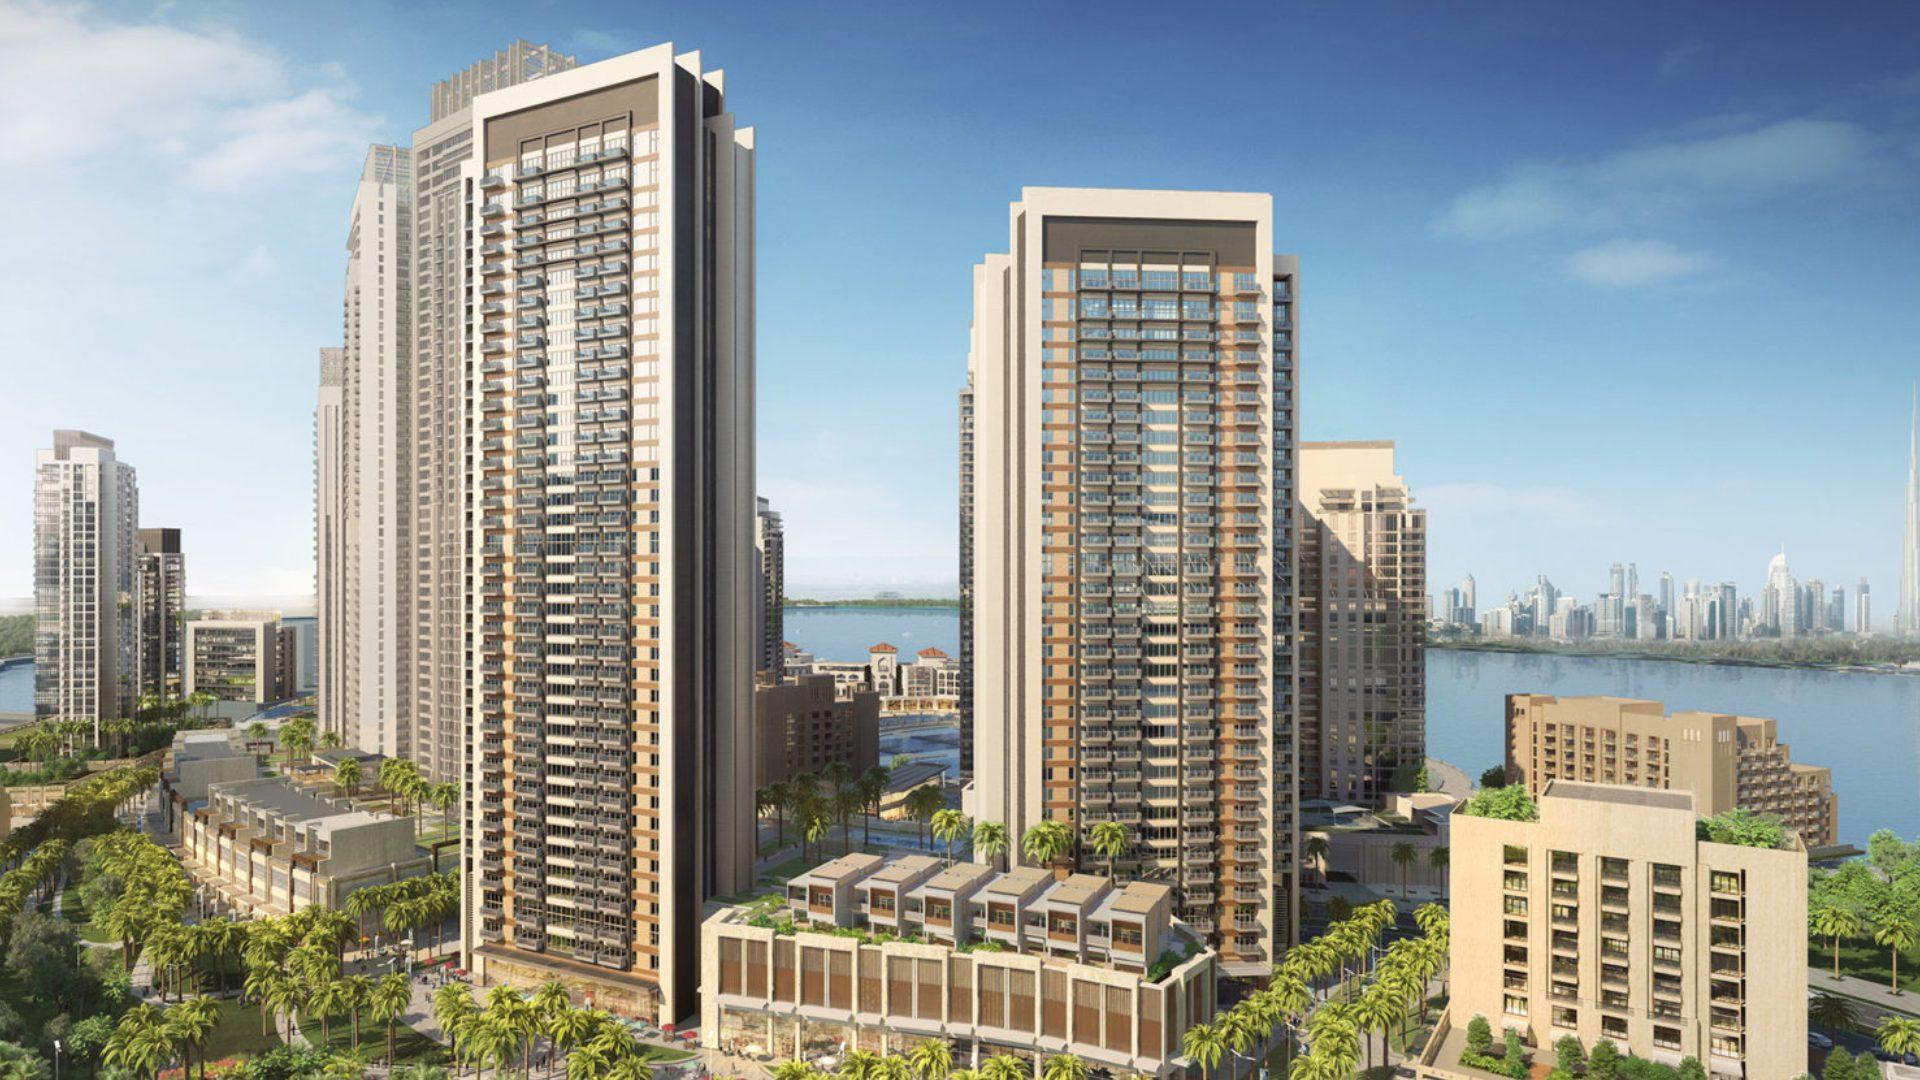 Apartamento en venta en Dubai, EAU, 2 dormitorios, 106 m2, № 24130 – foto 2